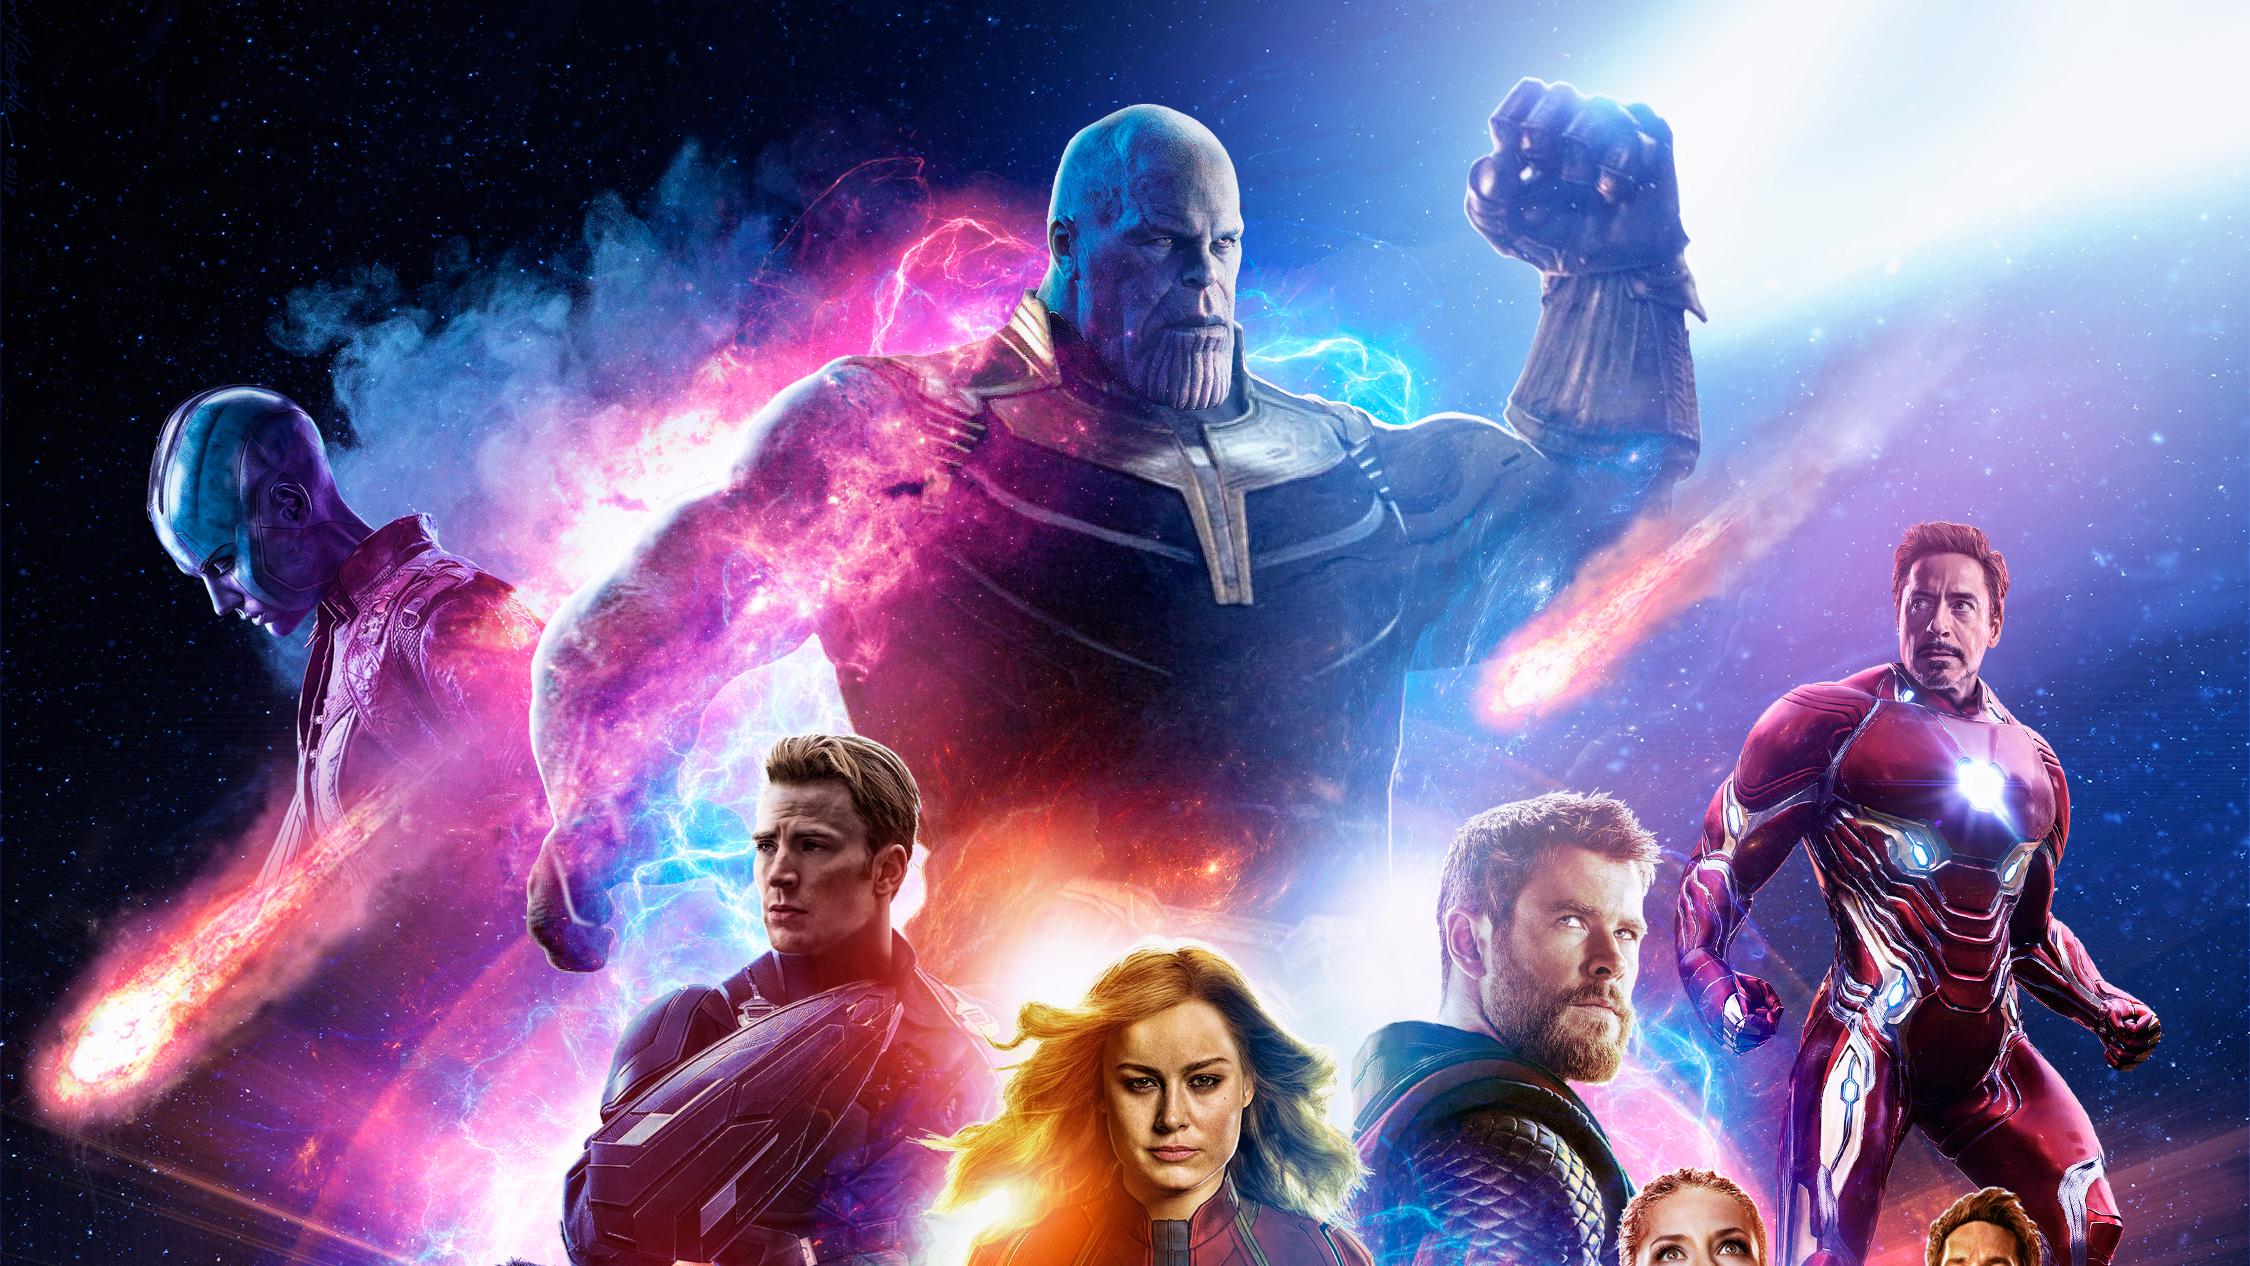 avengers 4 movie 2019 ci - Avengers 4 End Game Art 4k - Avengers end game 2019 hd 4k wallappers, Avengers 4 hd 4k wallpapers, avengers 4 end game movie wallpapers hd 4k